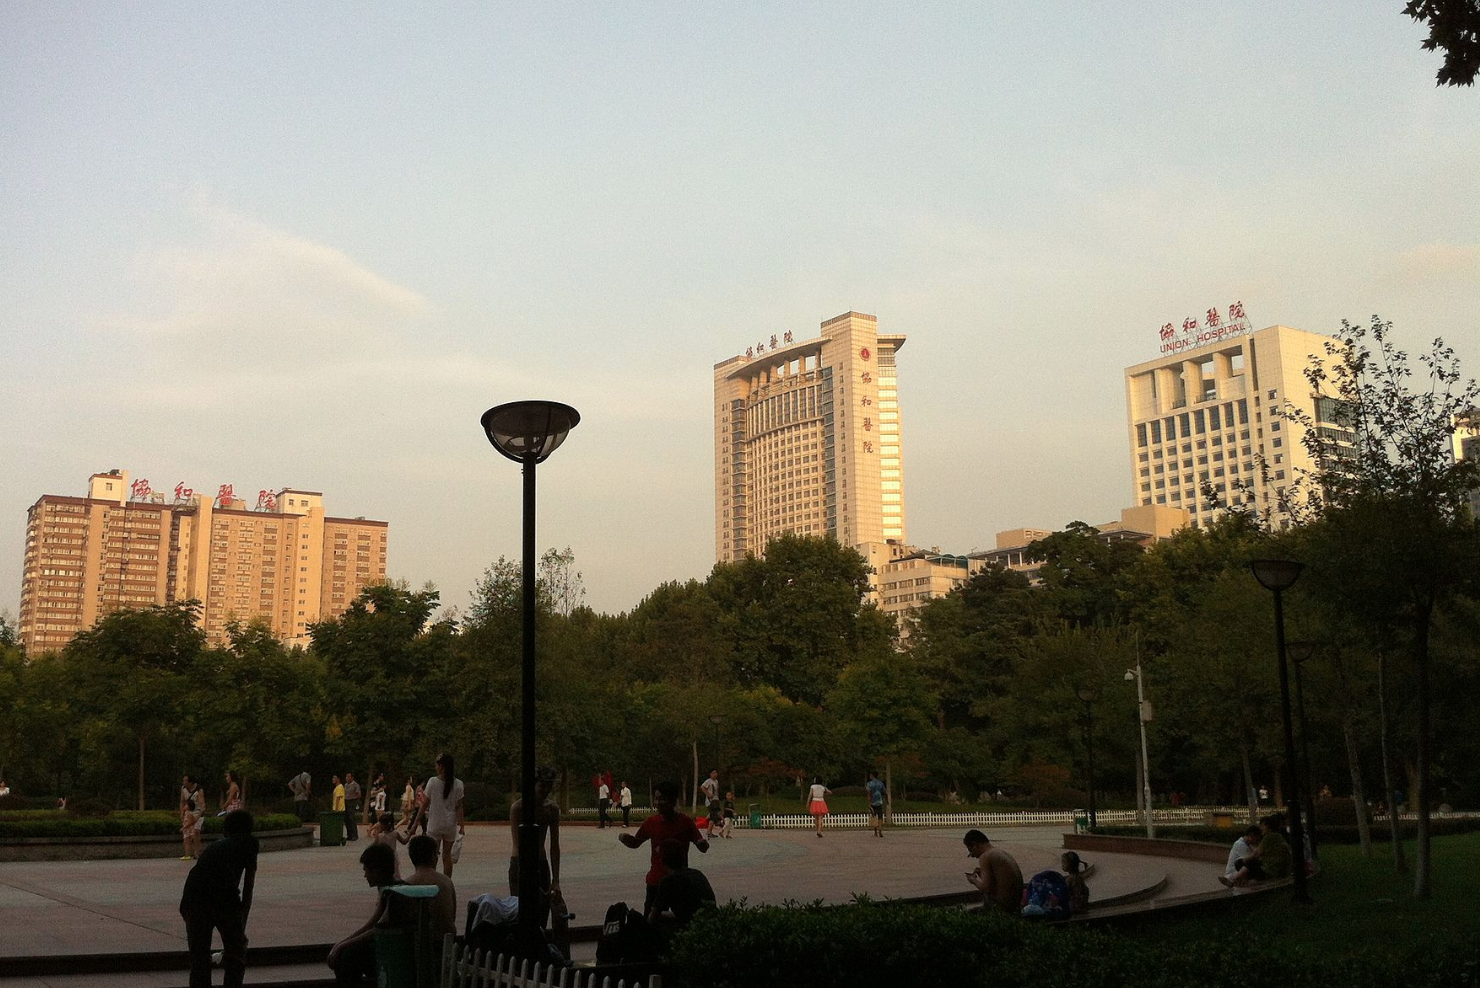 華中科技大學同濟醫學院附屬協和醫院,是一家集醫療、教學、科研於一體的綜合醫療機構,是華中科技大學同濟醫學院的附屬醫院之一,湖北省首批三級甲等醫院之一。作為教學機構時又稱華中科技大學同濟醫學院第一臨床學院。(維基百科)